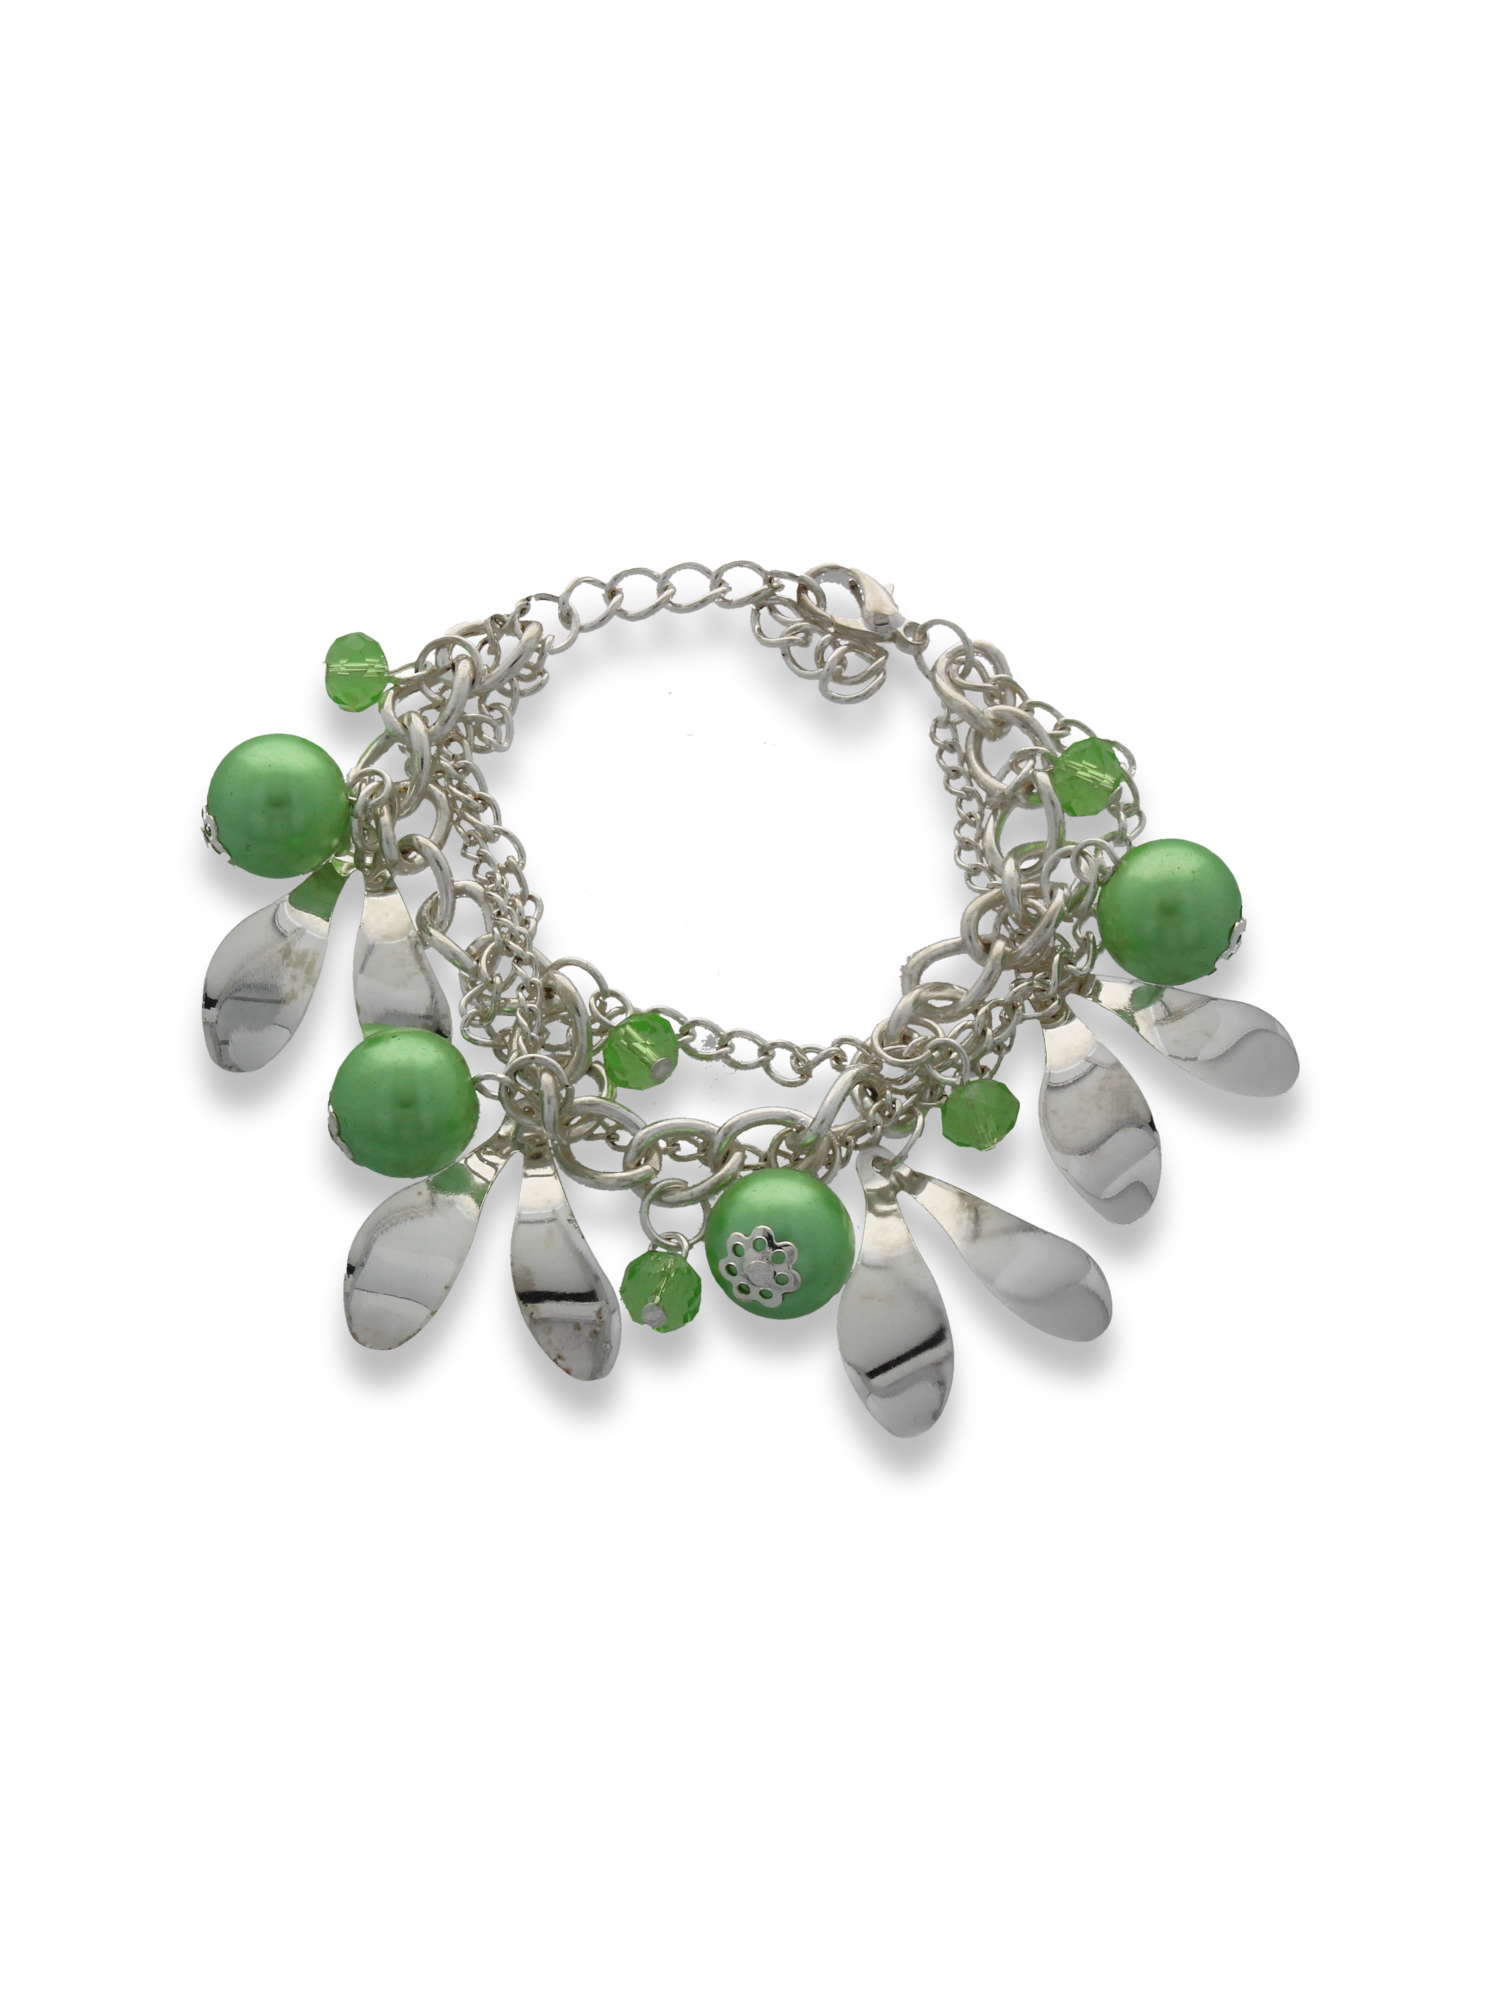 Zielono - srebrna Bransoletka z zawieszkami                                  zdj.                                  1